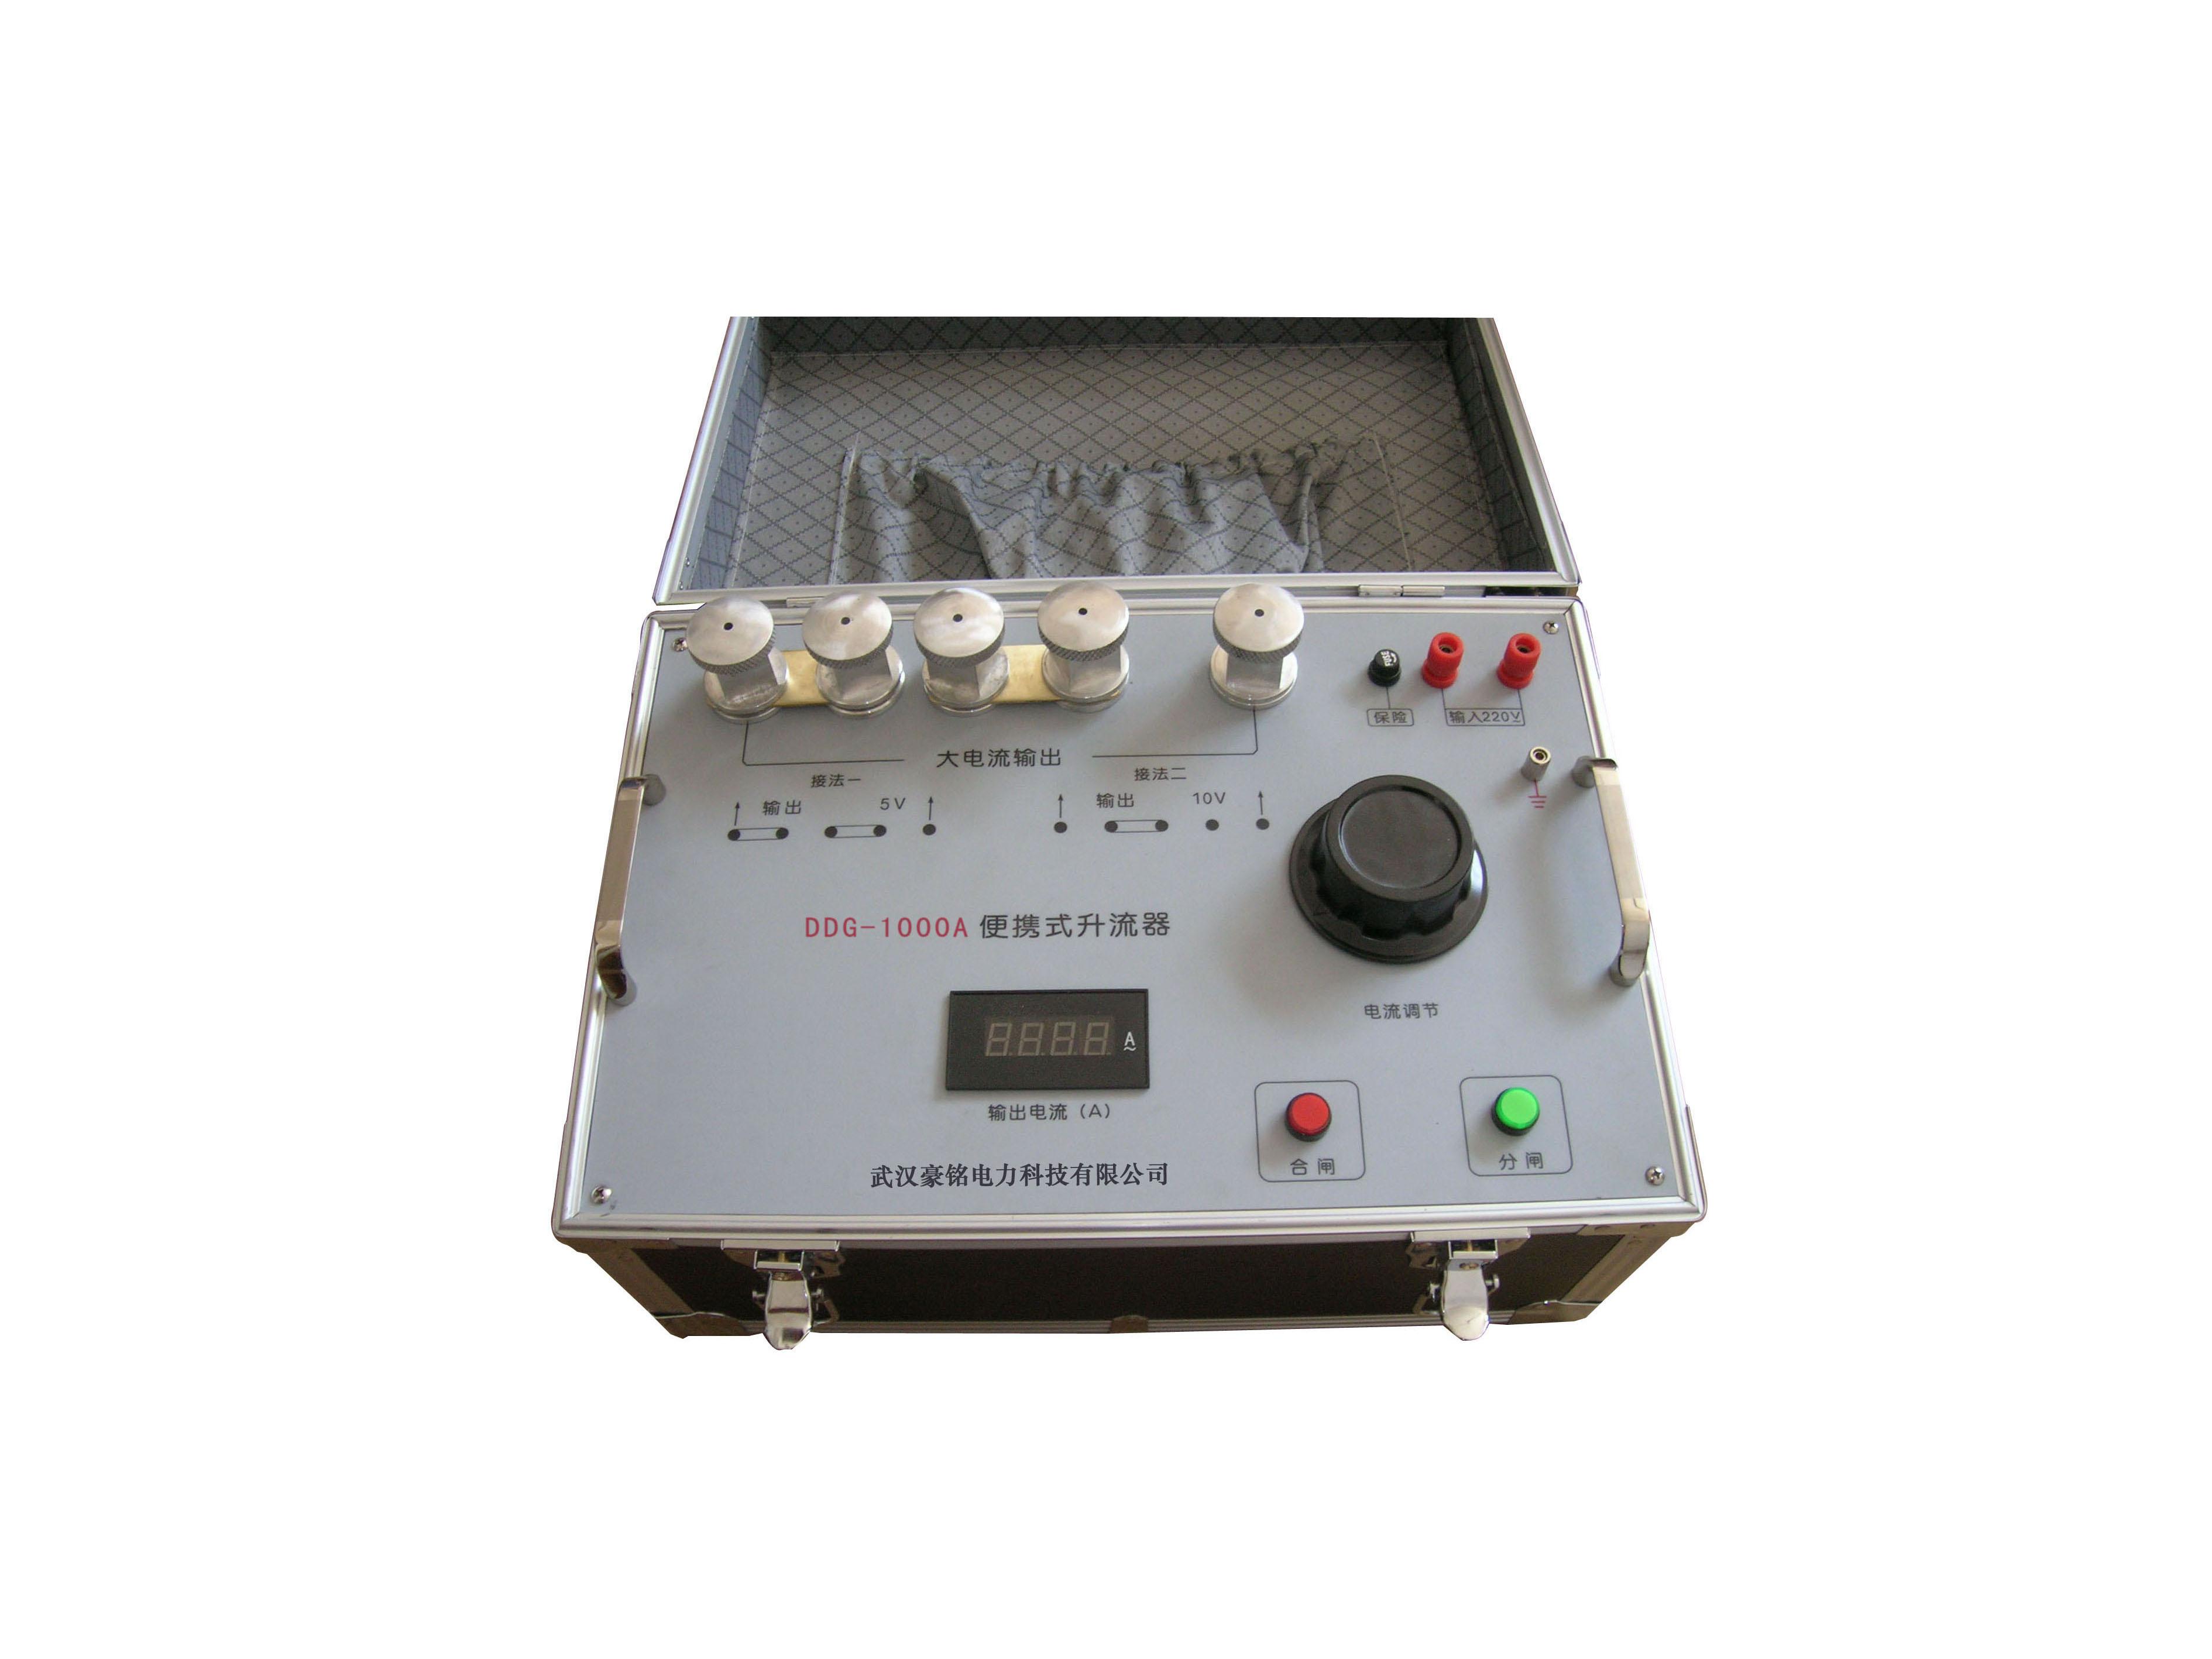 DDG-1000A便攜式升流器